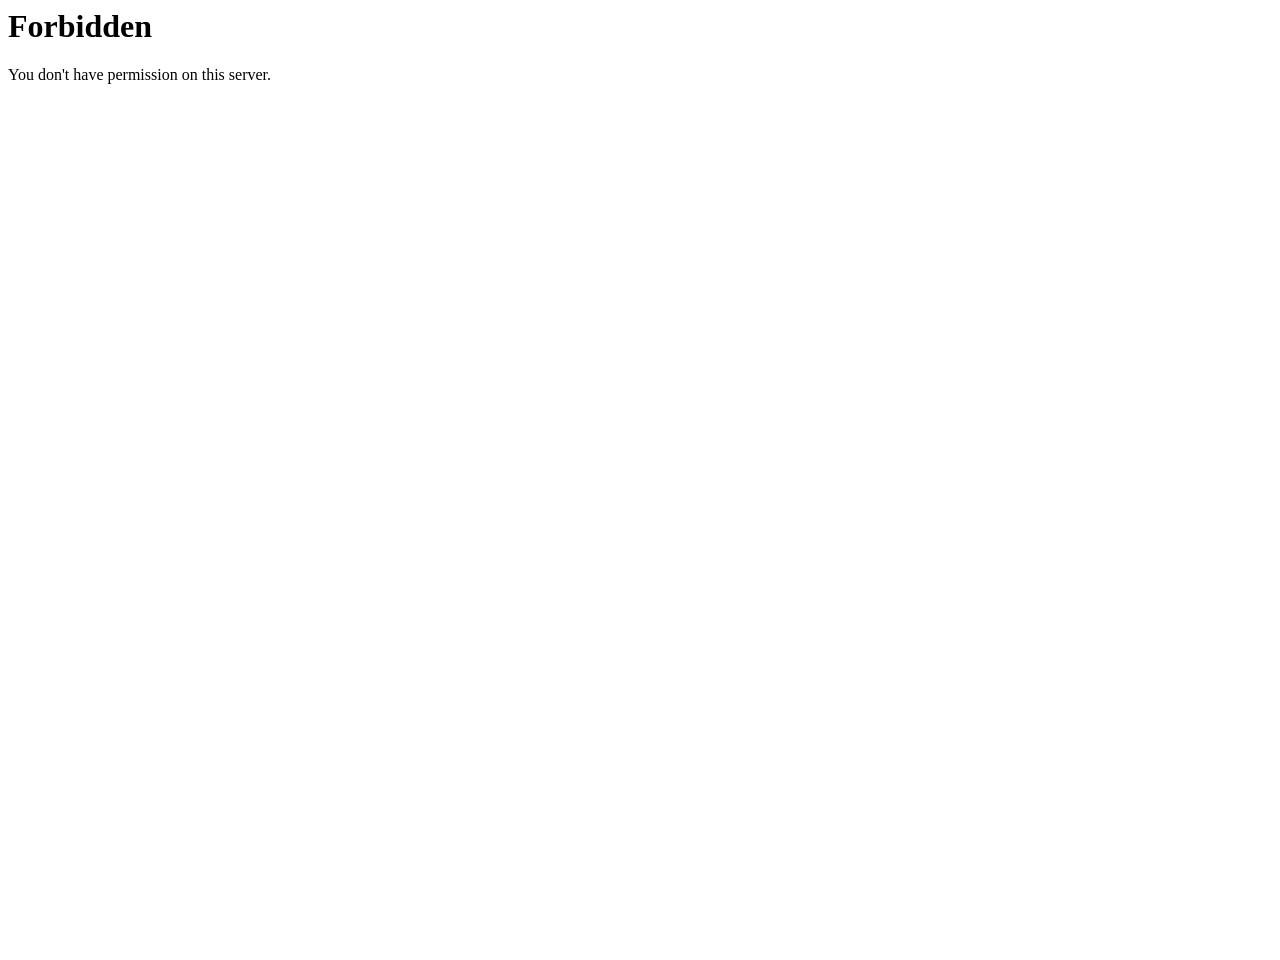 タックスサポート・イトカズ(税理士法人)宜野湾事務所